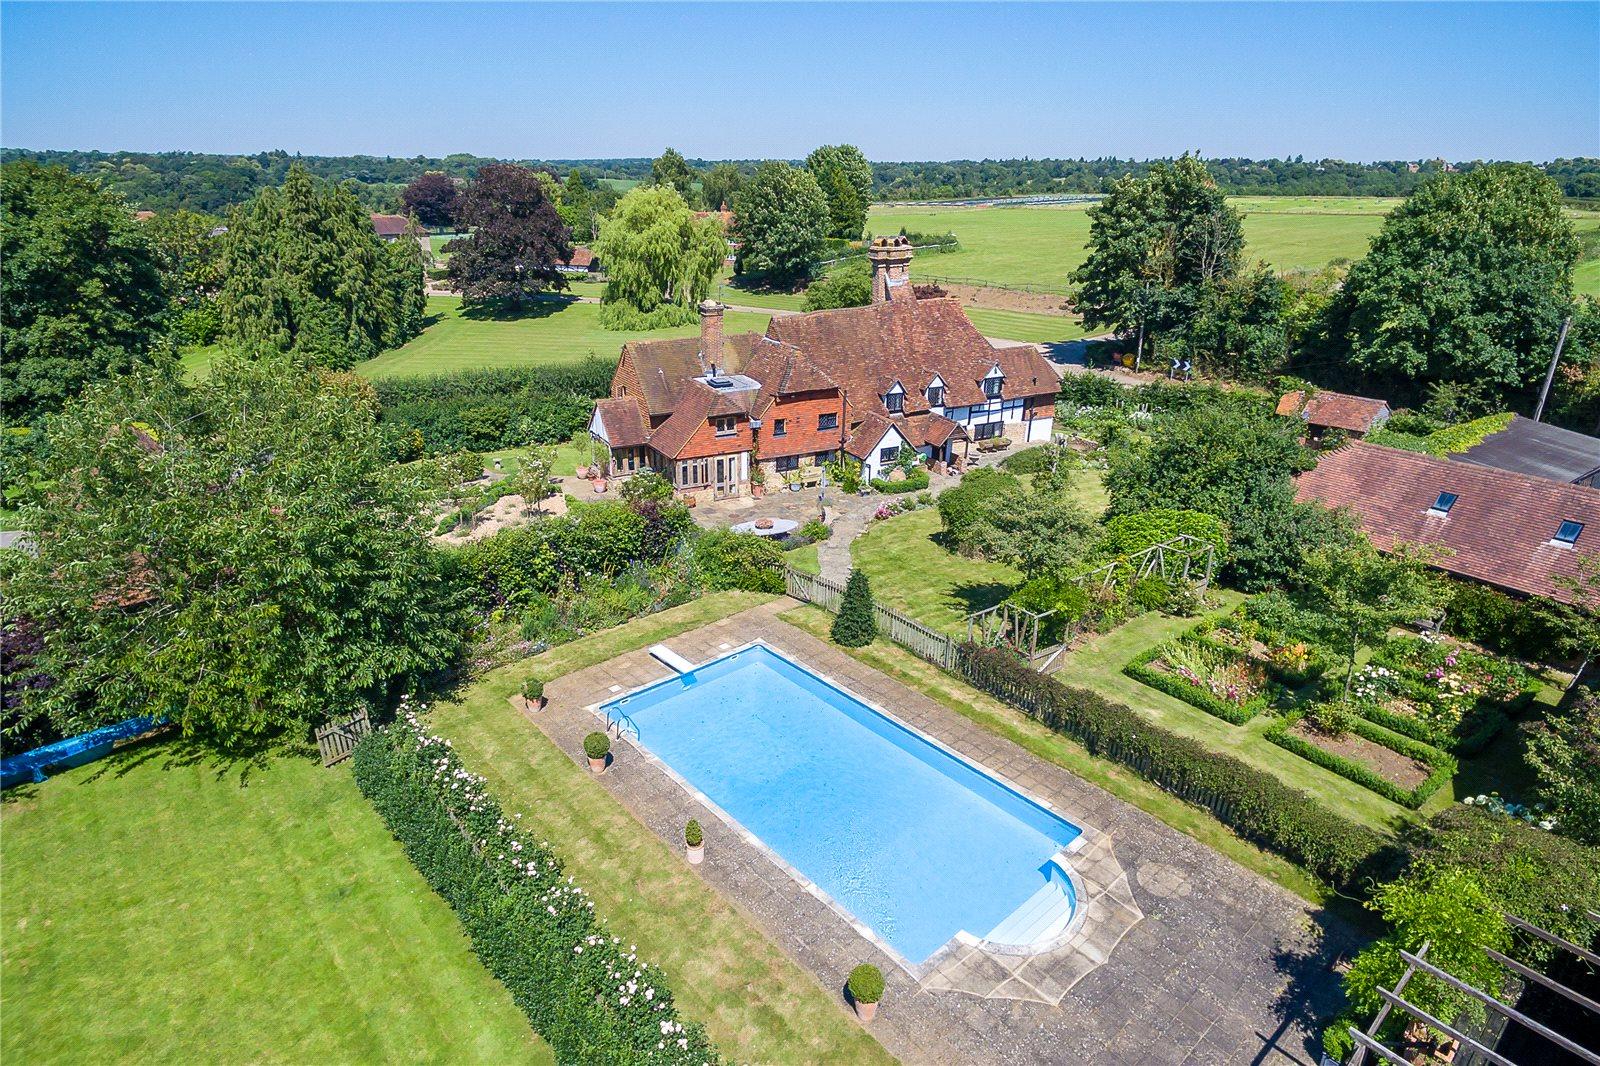 Maison unifamiliale pour l Vente à Eashing Lane, Godalming, Surrey, GU7 Godalming, Angleterre